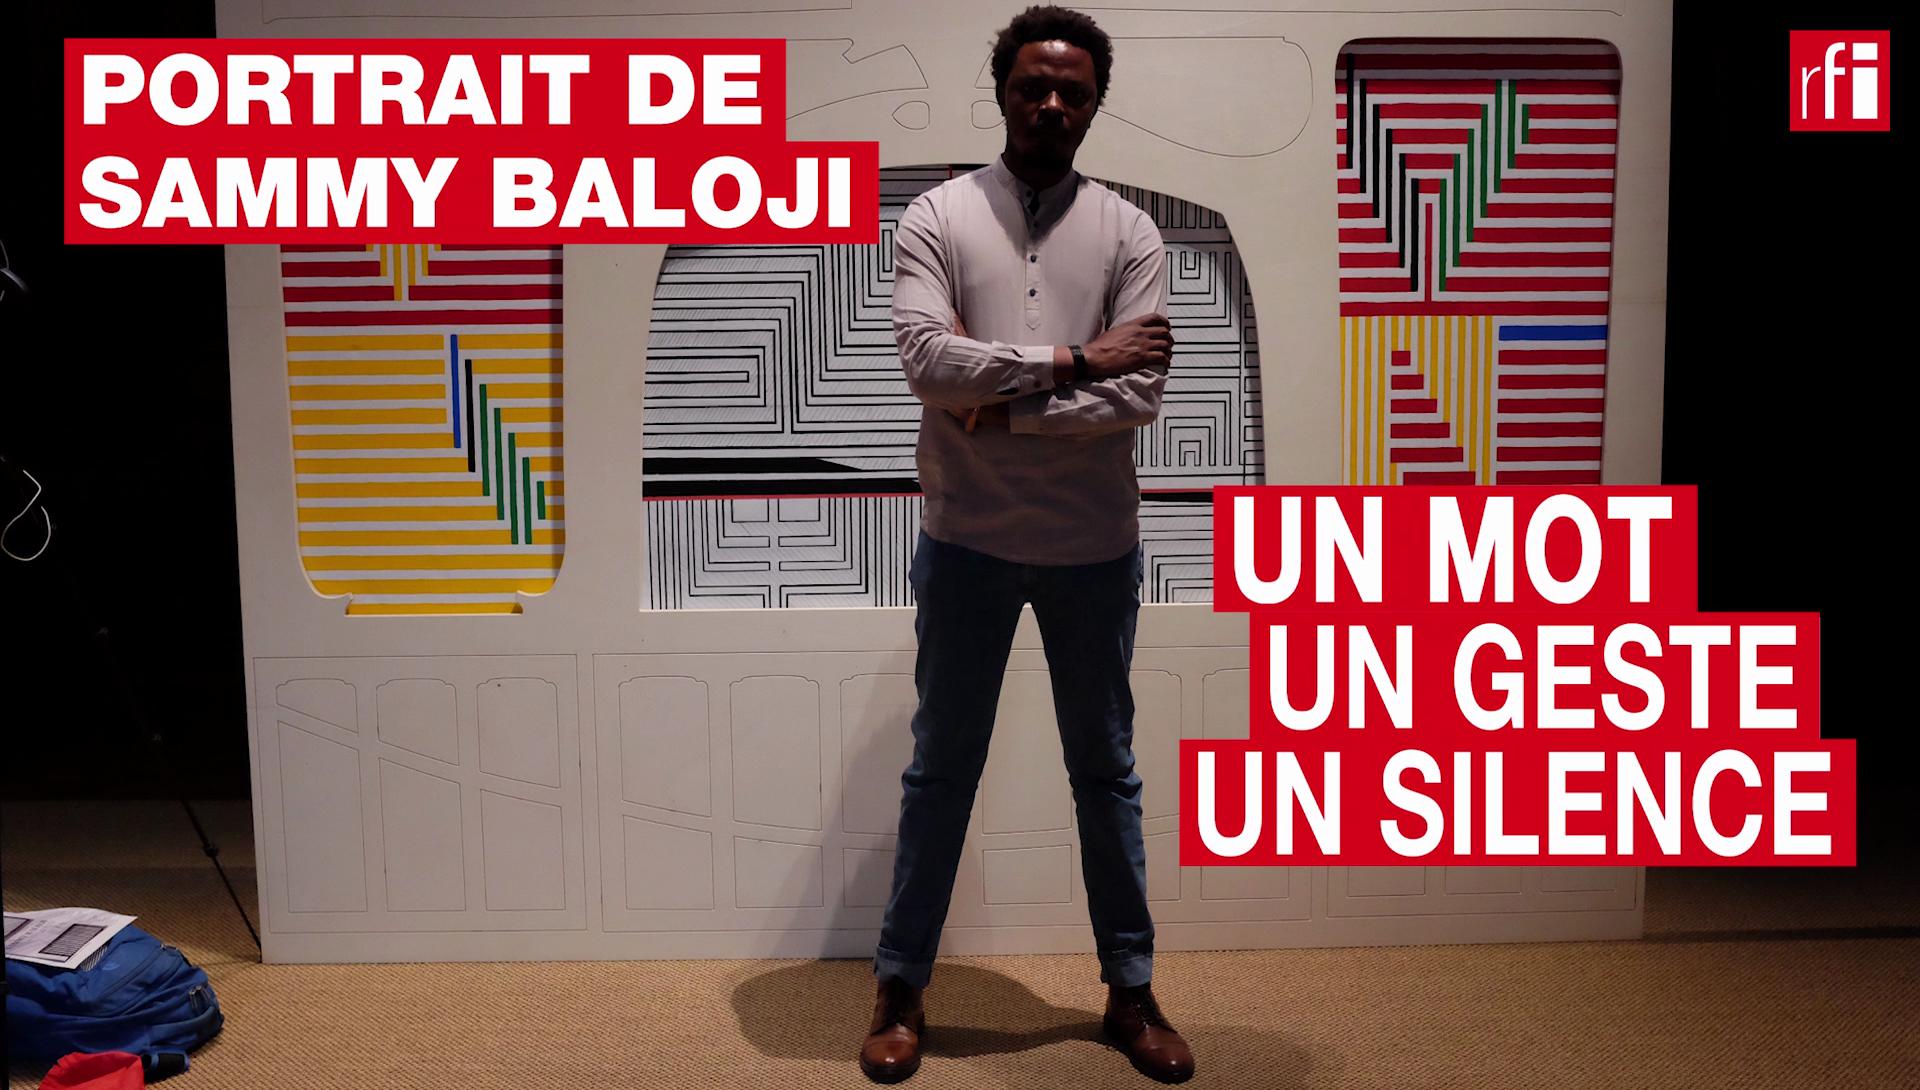 Portrait de l'artiste plasticien congolais Sammy Baloji en un mot, un geste, un silence.